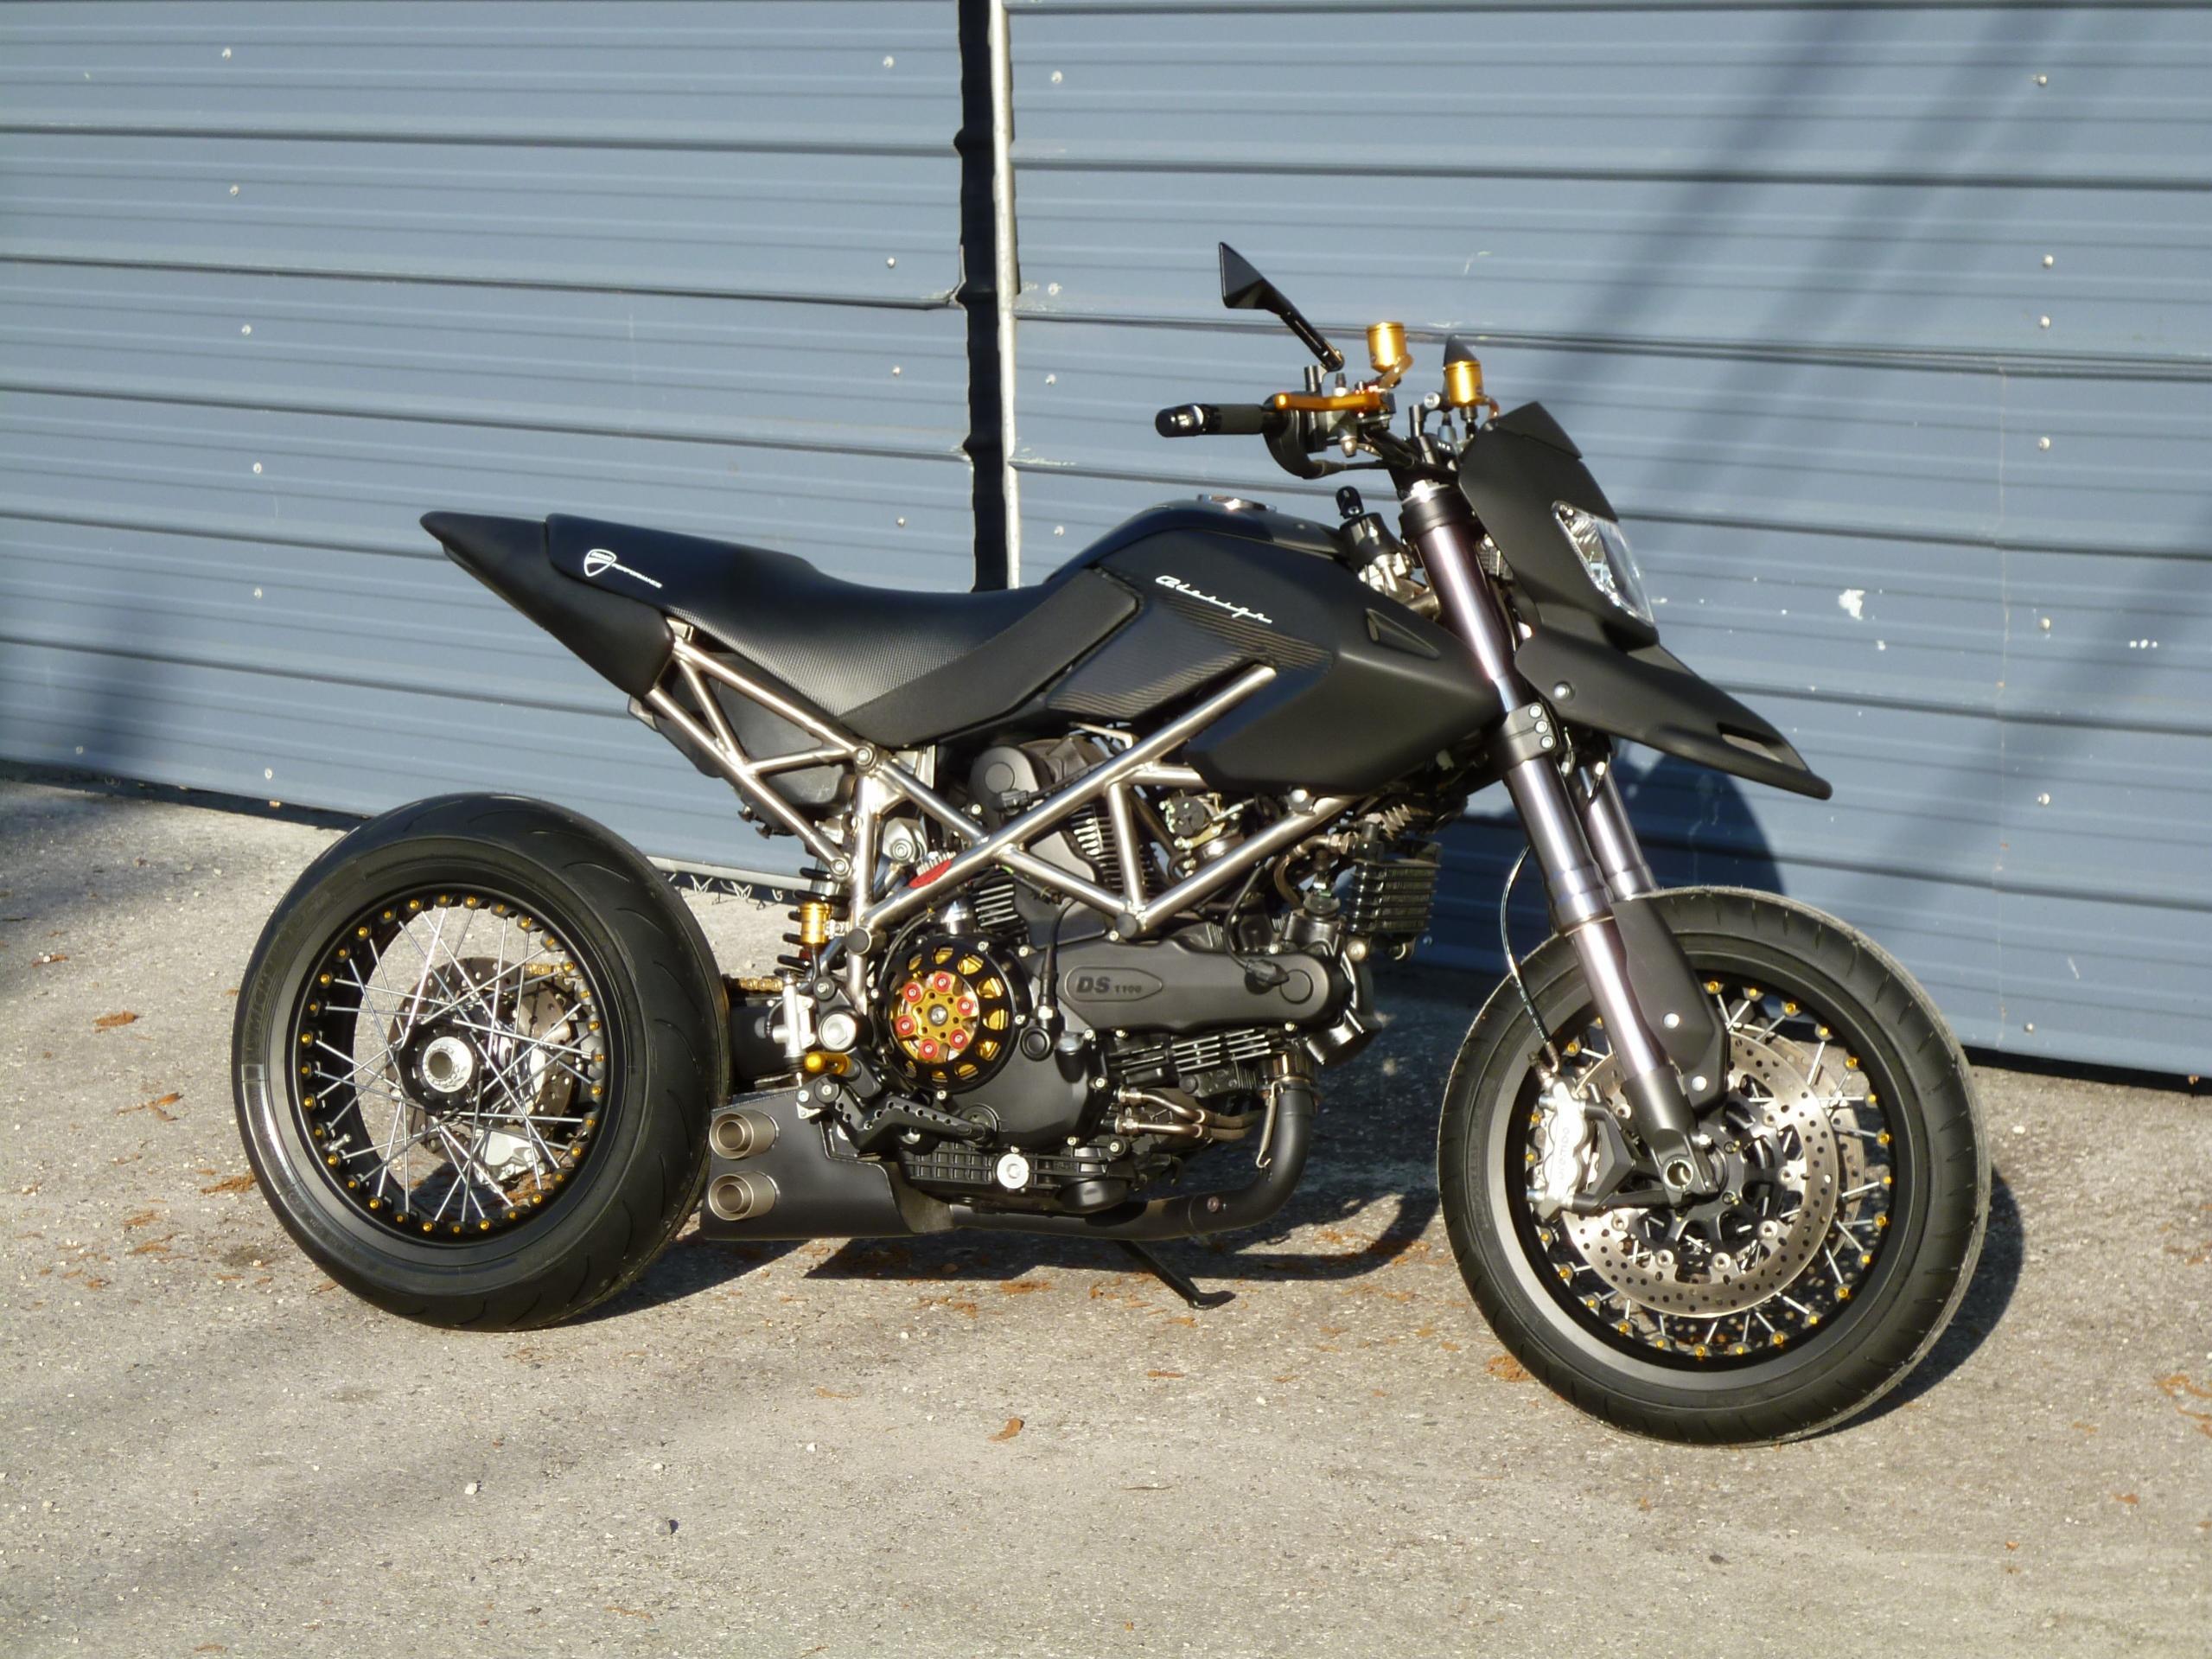 106336d1330728912-wire-wheels-hyper-chec